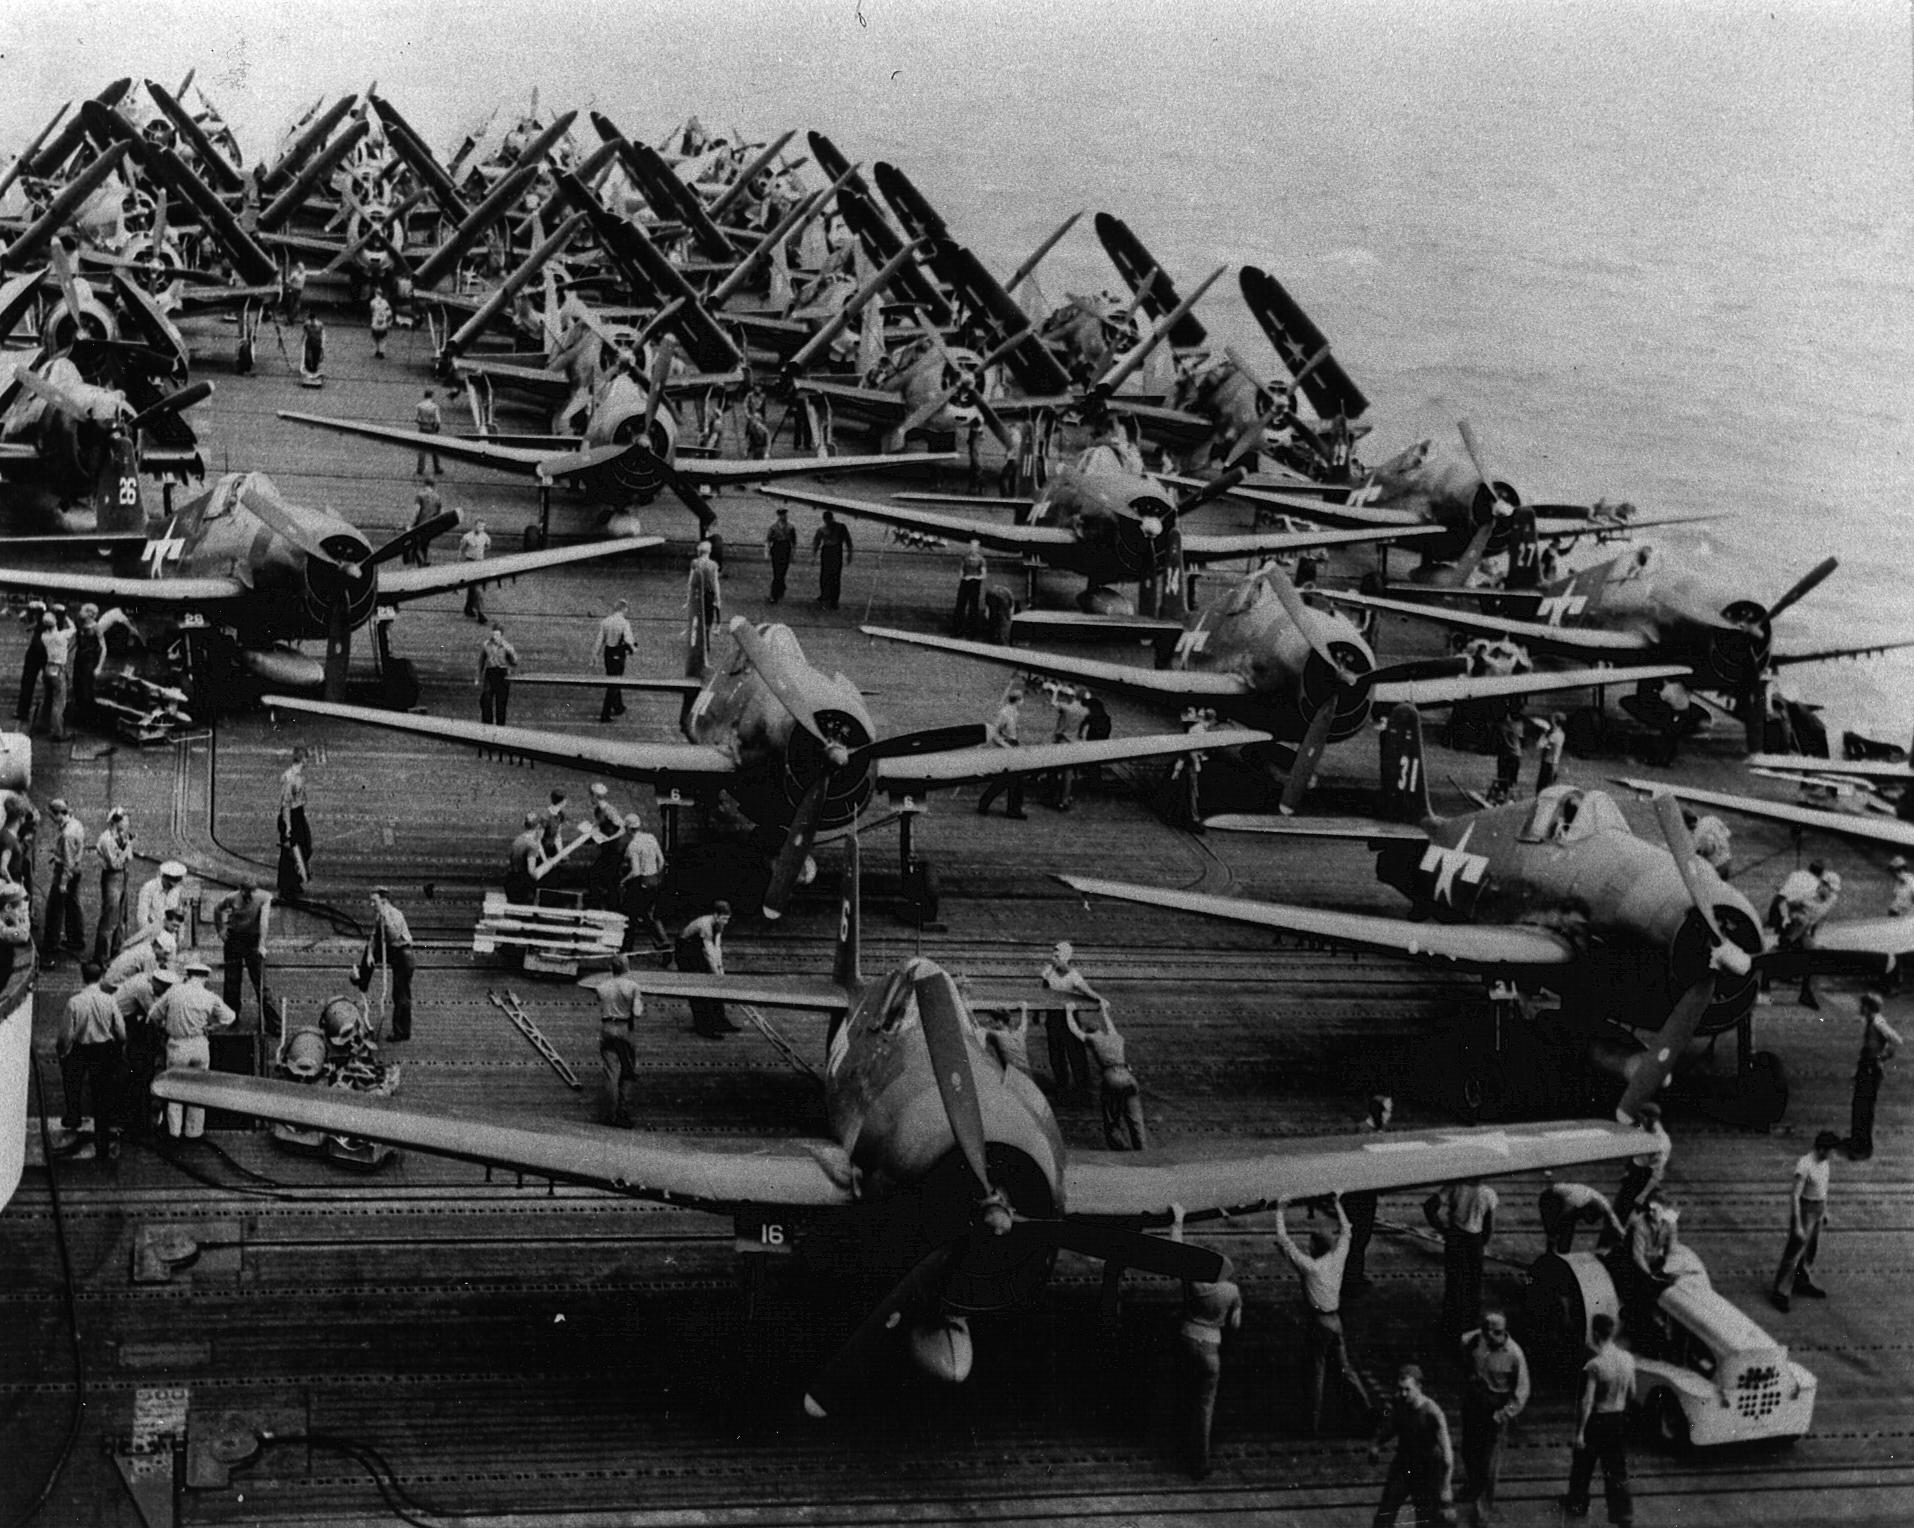 CV 13 USS Franklin AG13 F6F 5 Hellcats on deck 01